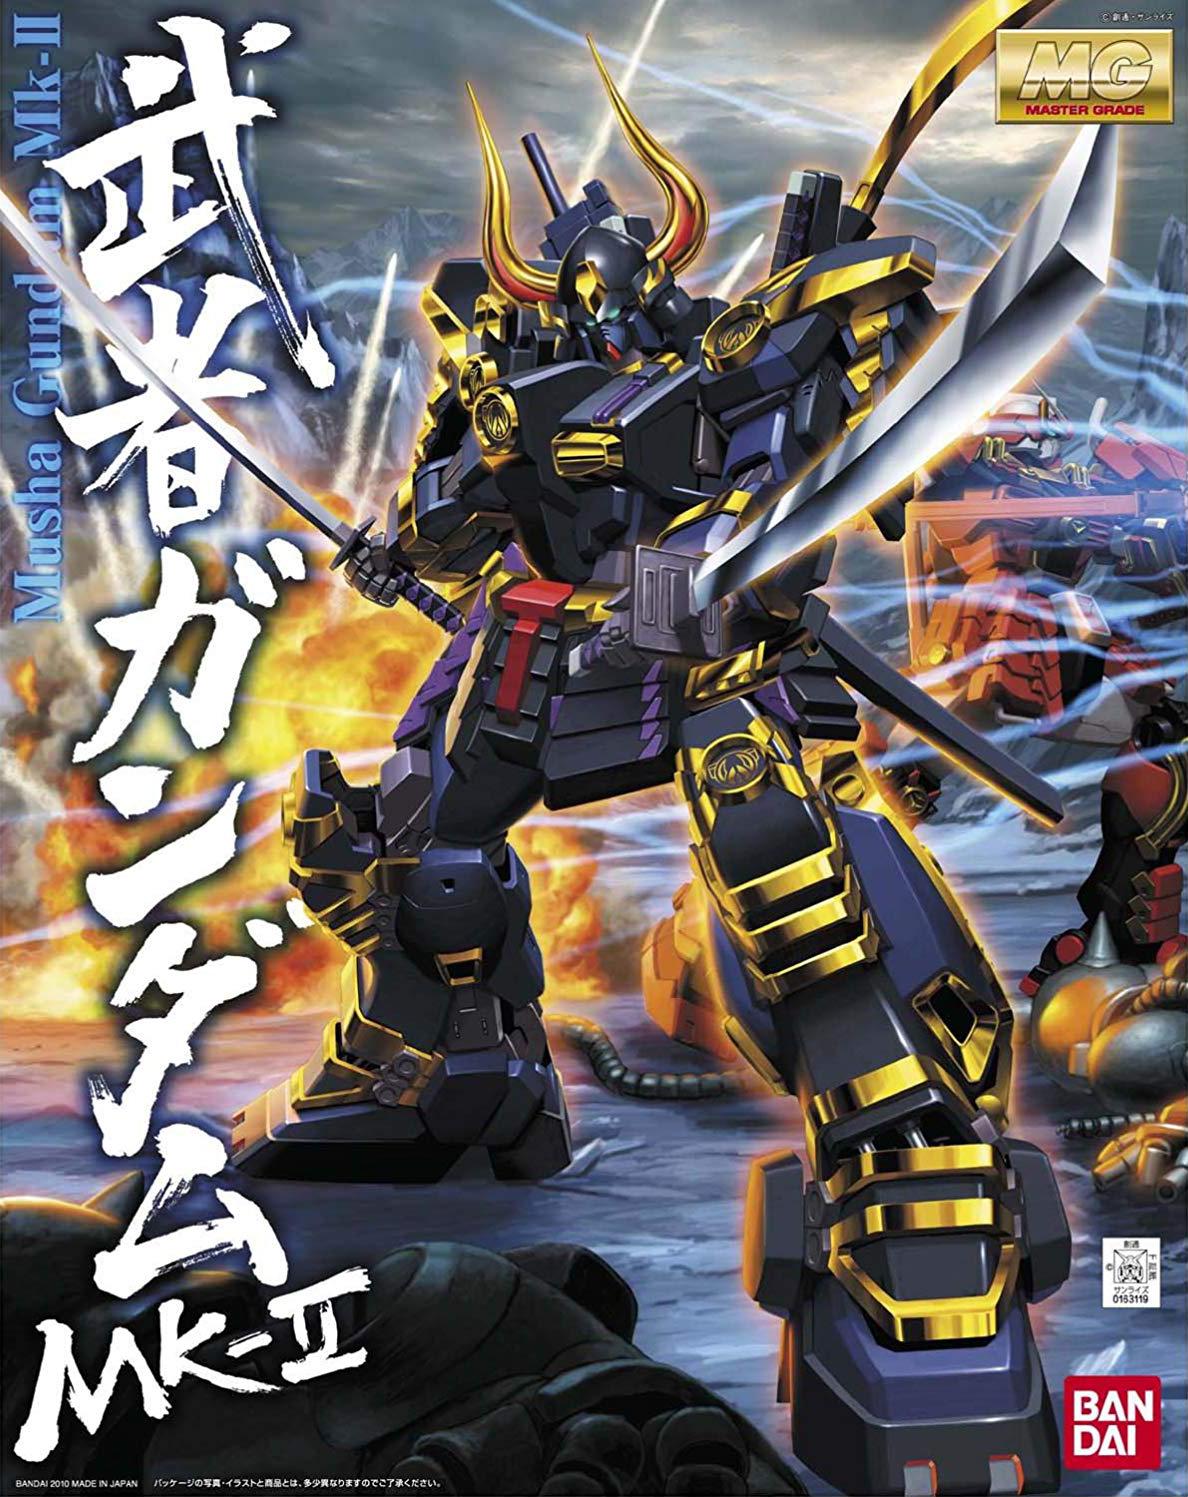 MG 武者ガンダムMk-II [Musha Gundam Mk. II] 0163119 4543112631190